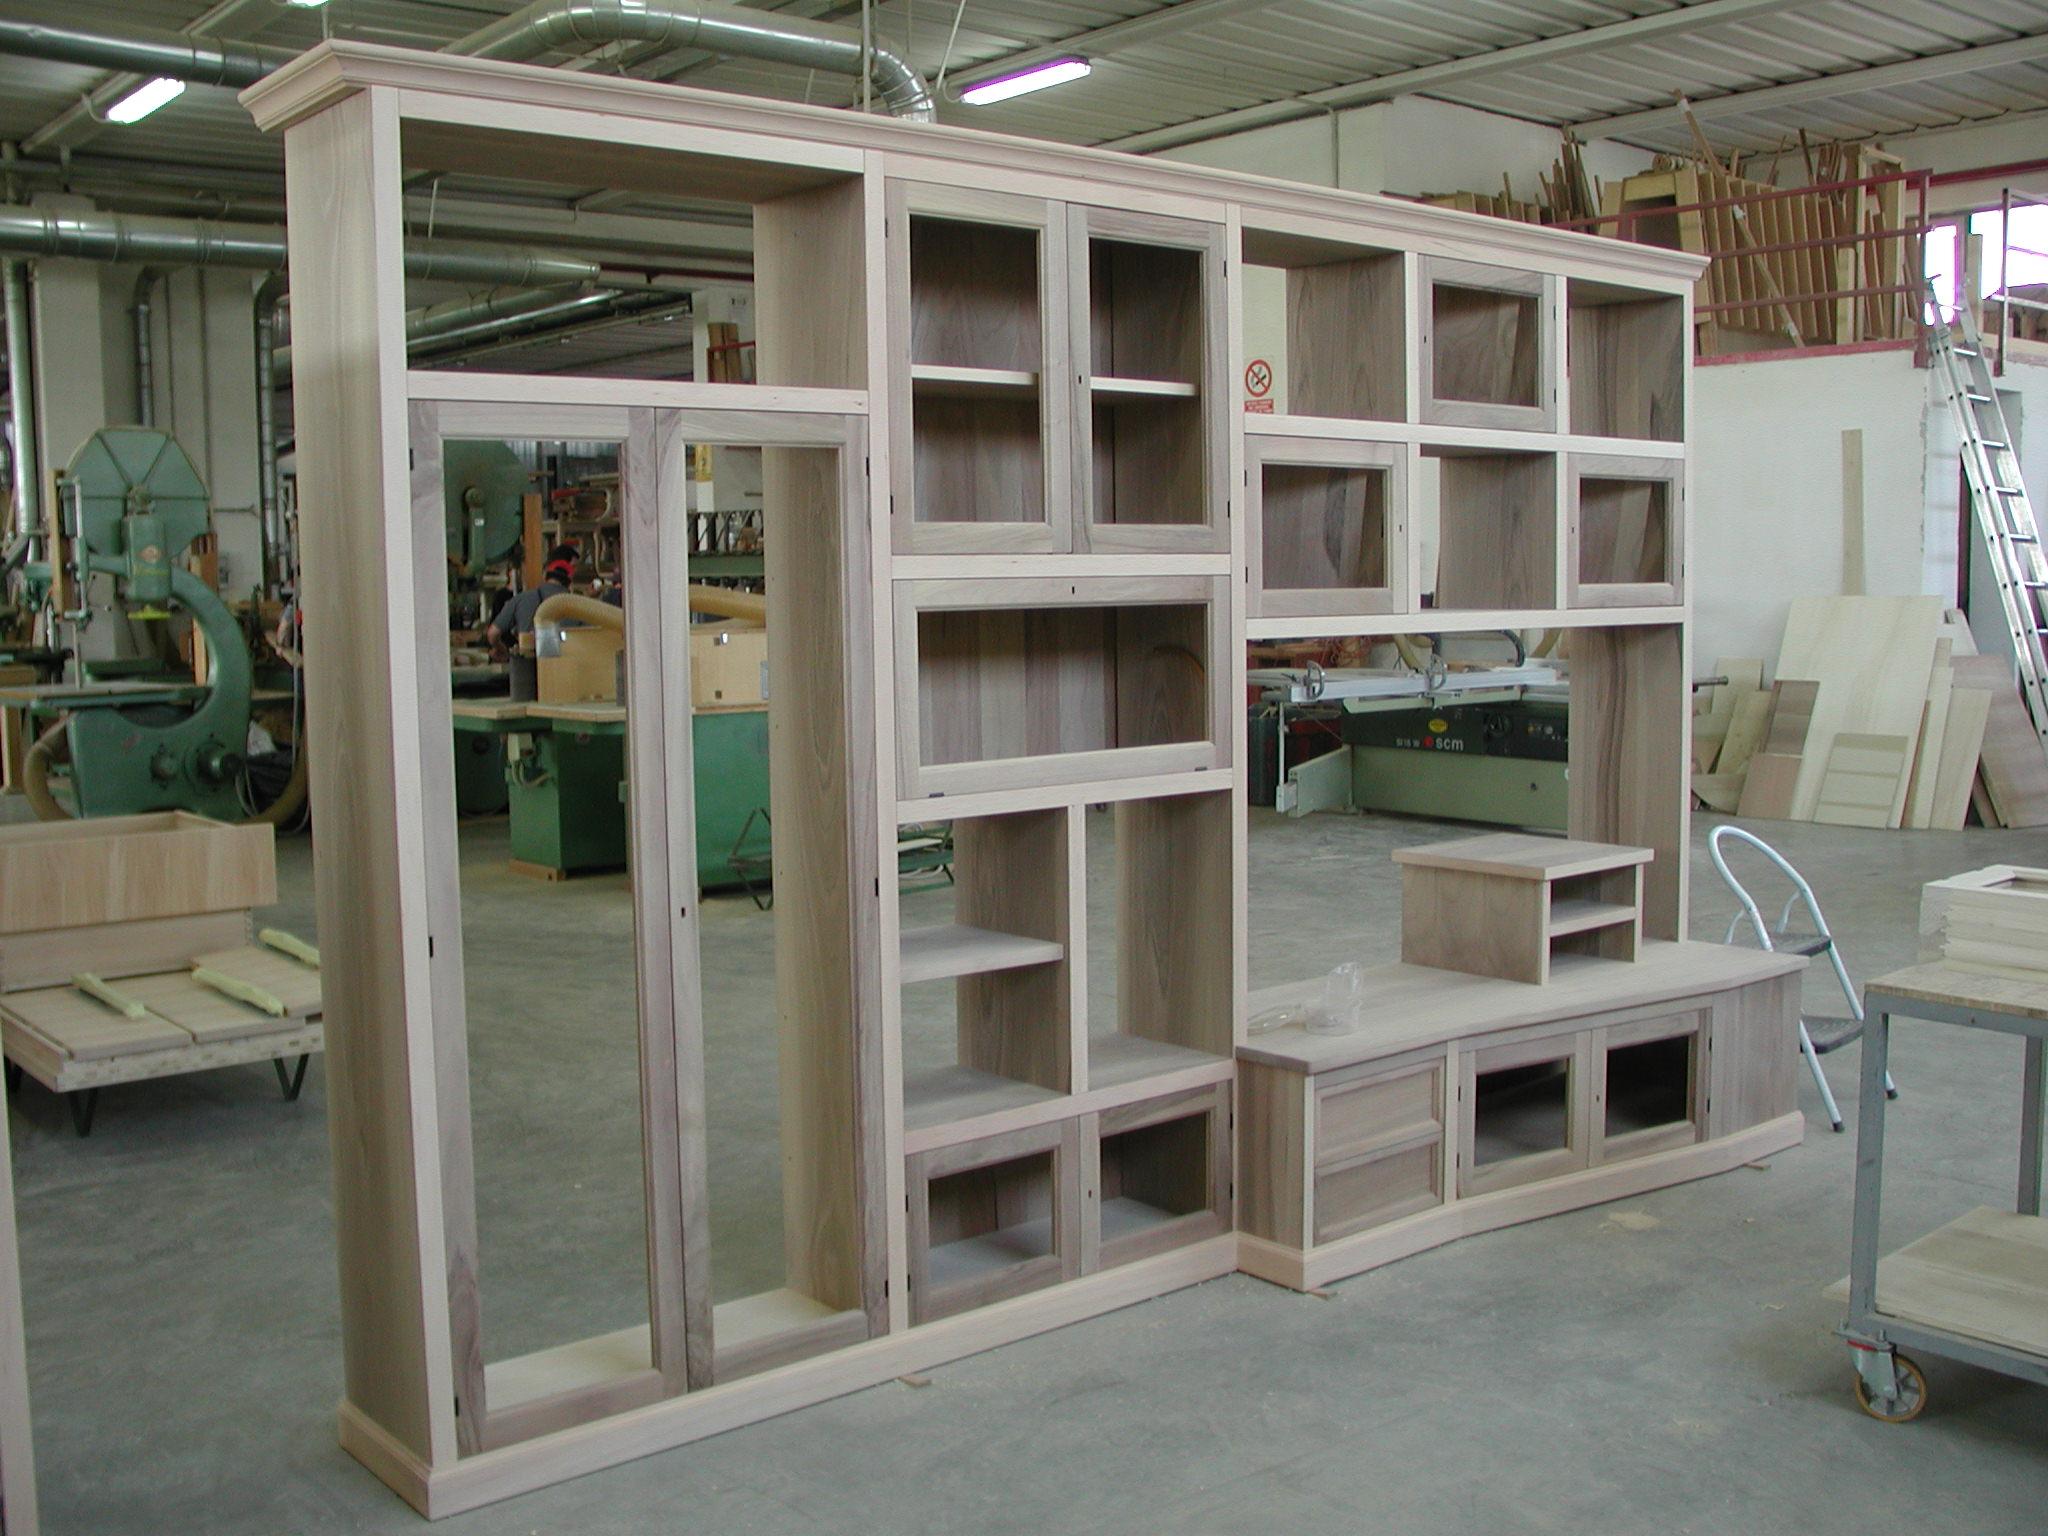 Falegnameria pareti su misura for Gardini per arredare gatteo fc